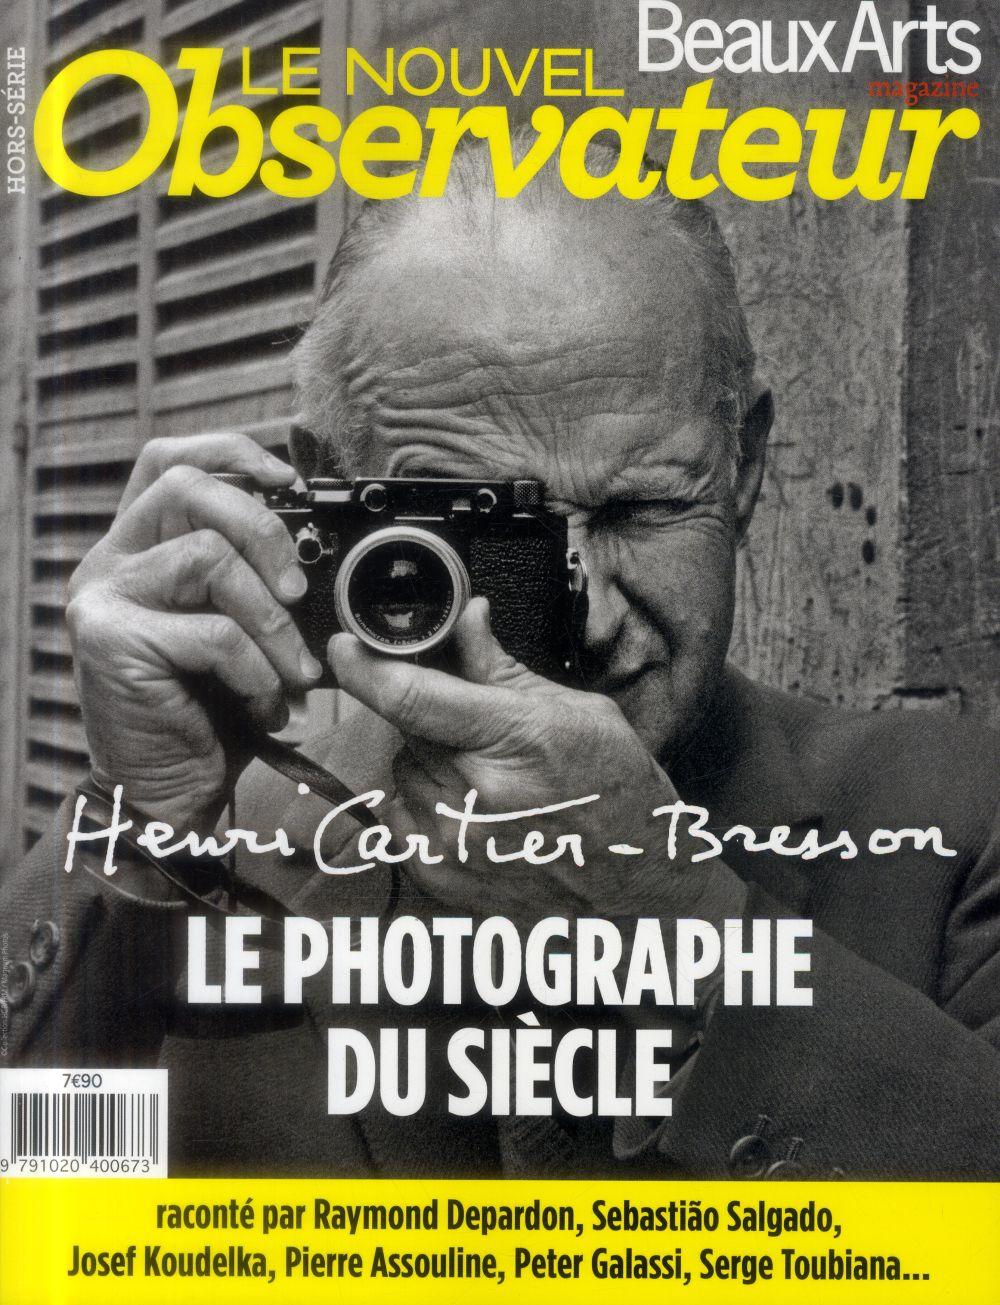 Henri cartier-bresson, le photographe du siecle